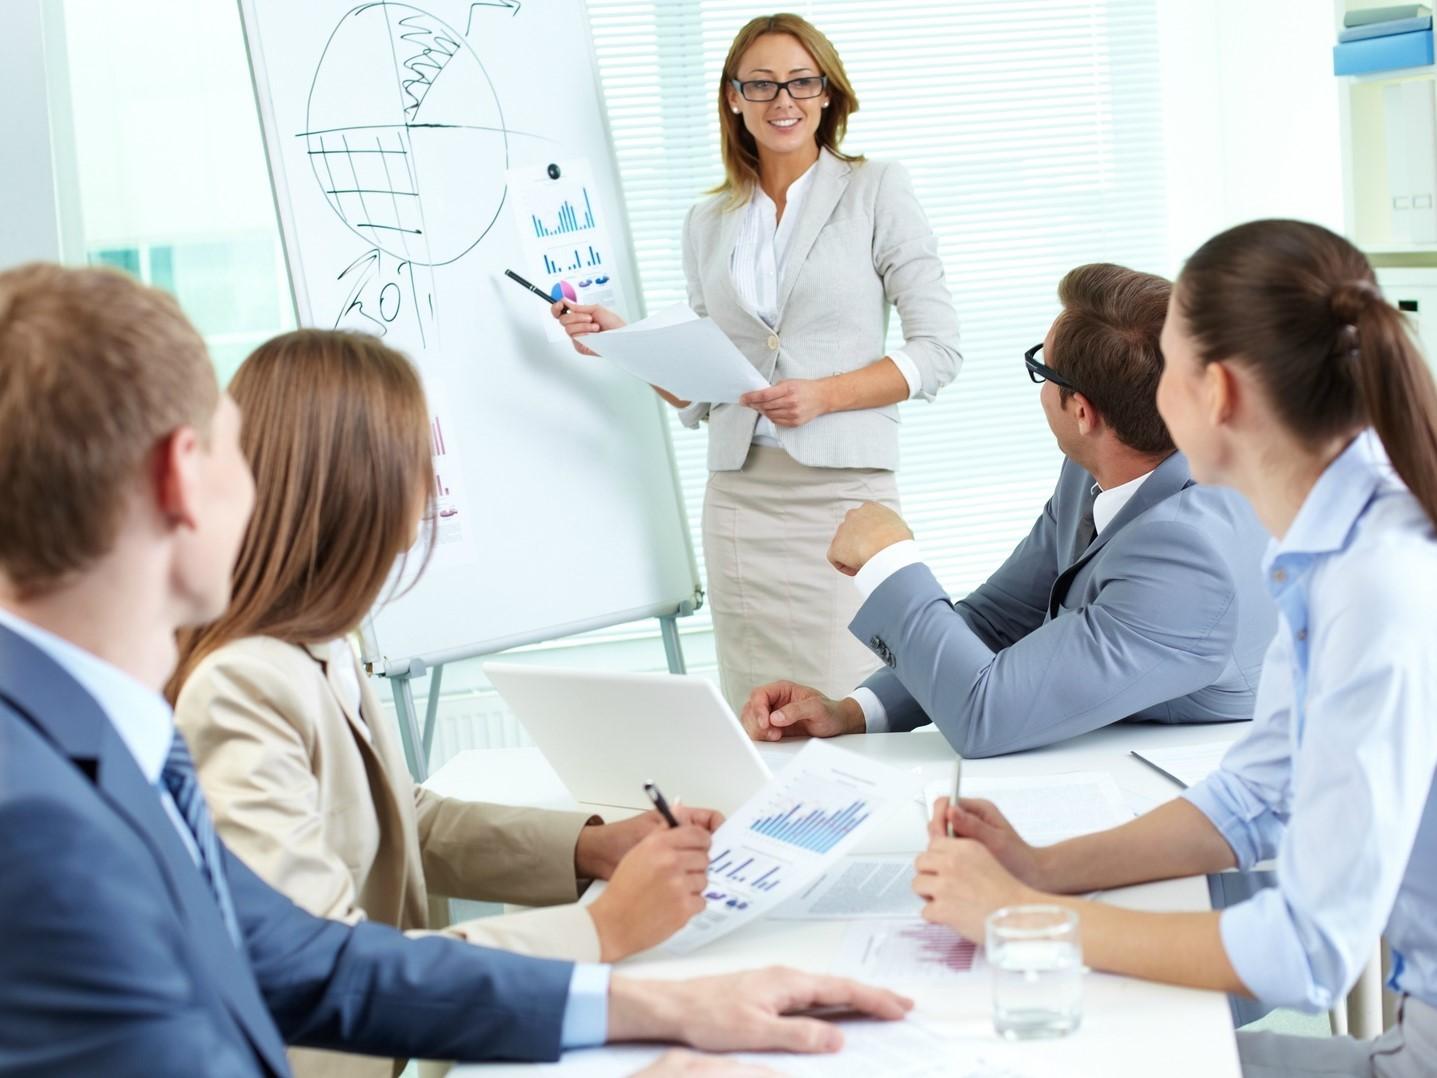 План повышения квалификации специалистов на I полугодие 2018 года